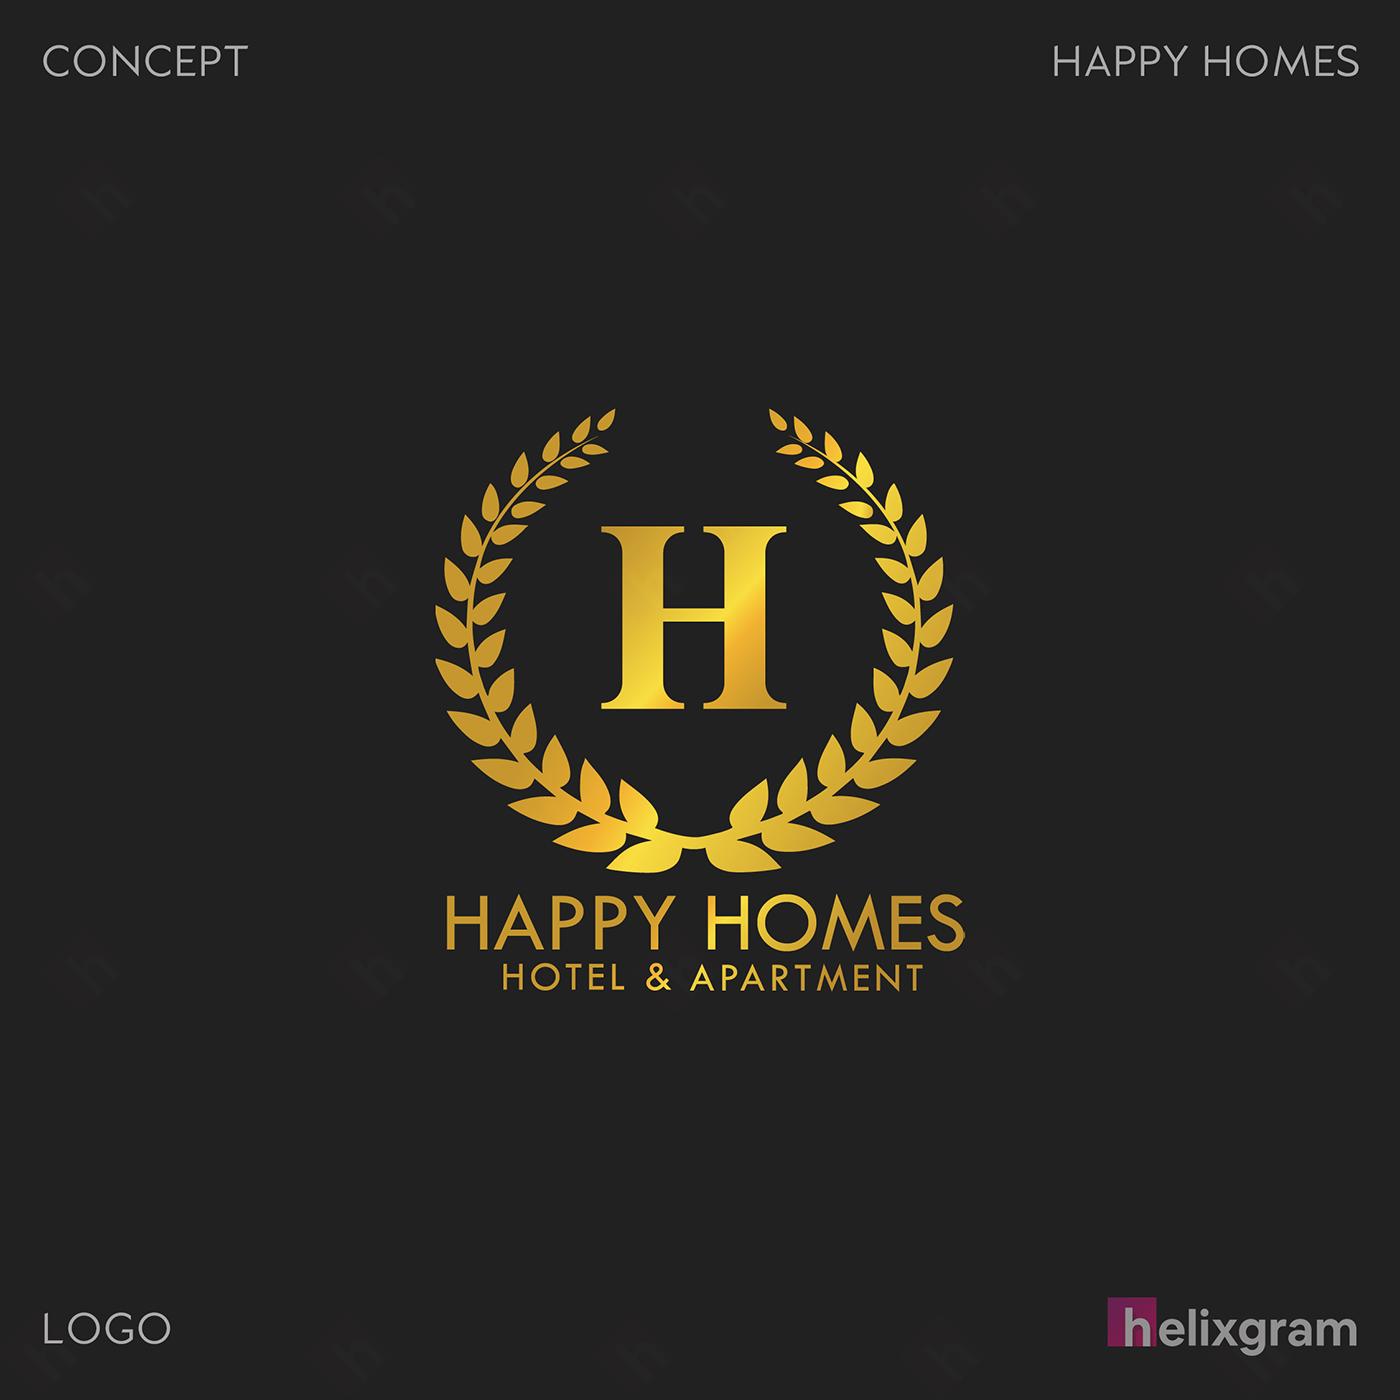 Logo Nhận diện thương hiệu Happy Homes Sài Gòn Thiết kế thương hiệu thiết kế Logo ấn phẩm truyền thông quảng cáo thiết kế website in ấn túi giấy chất lượng cao Saigon Helixgram Design